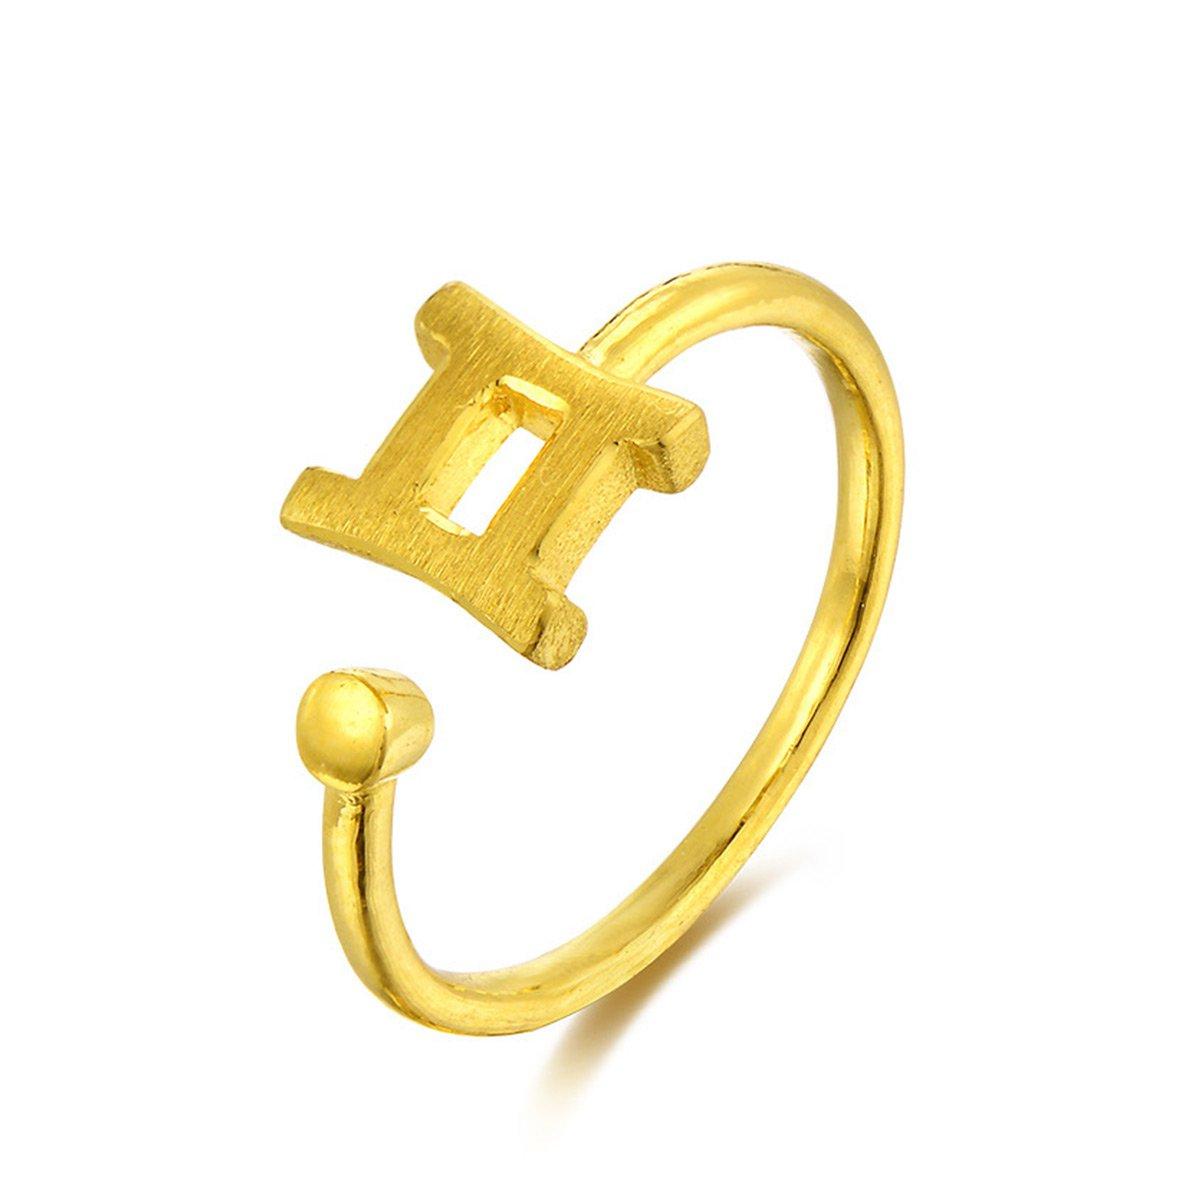 中国黄金足金黄金戒指女款黄金首饰十二星座双子座戒指精品计价ZGHJJZ1604